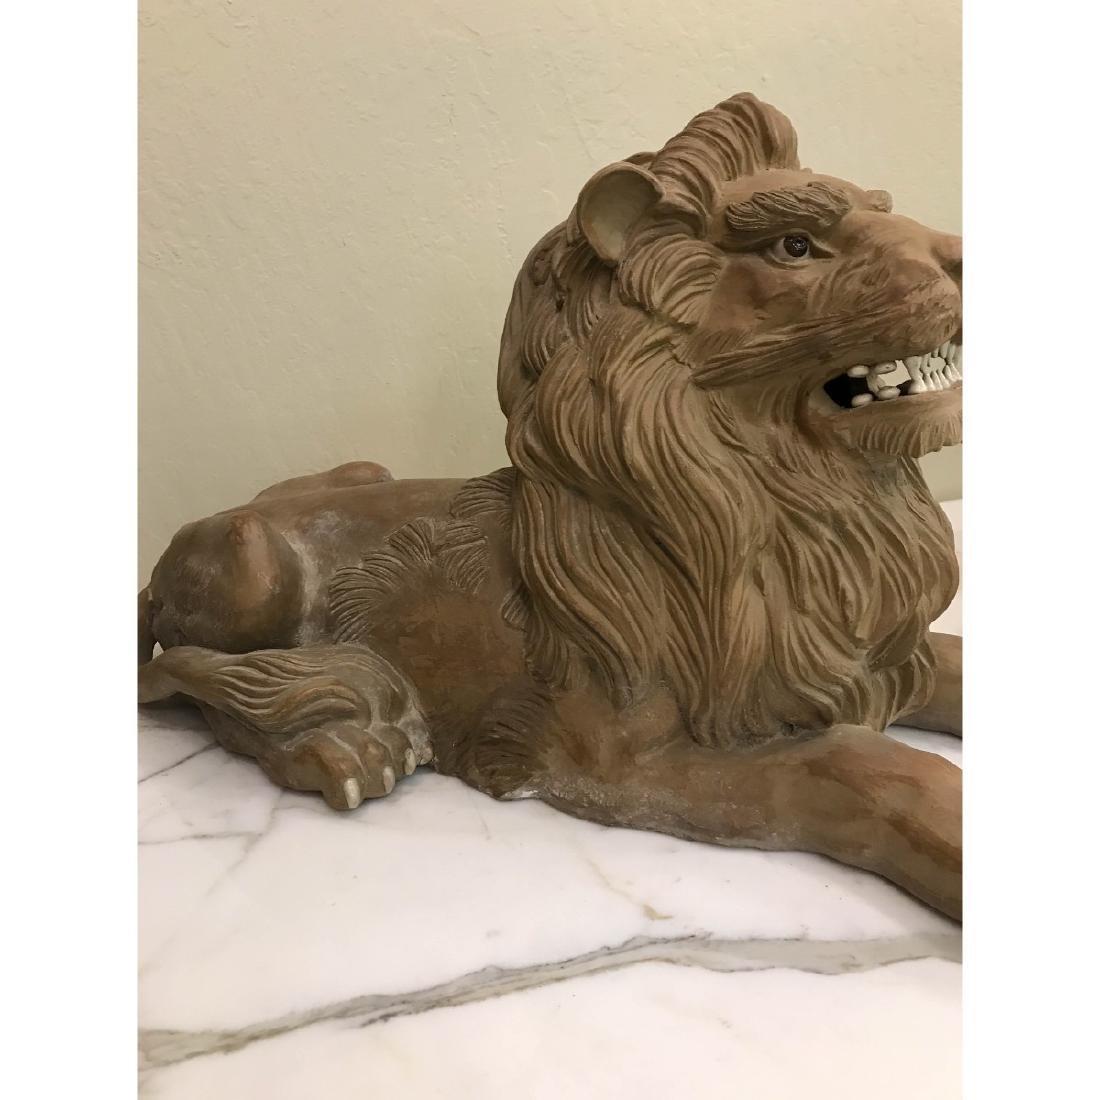 Unique Pair of Clay Lions - 2